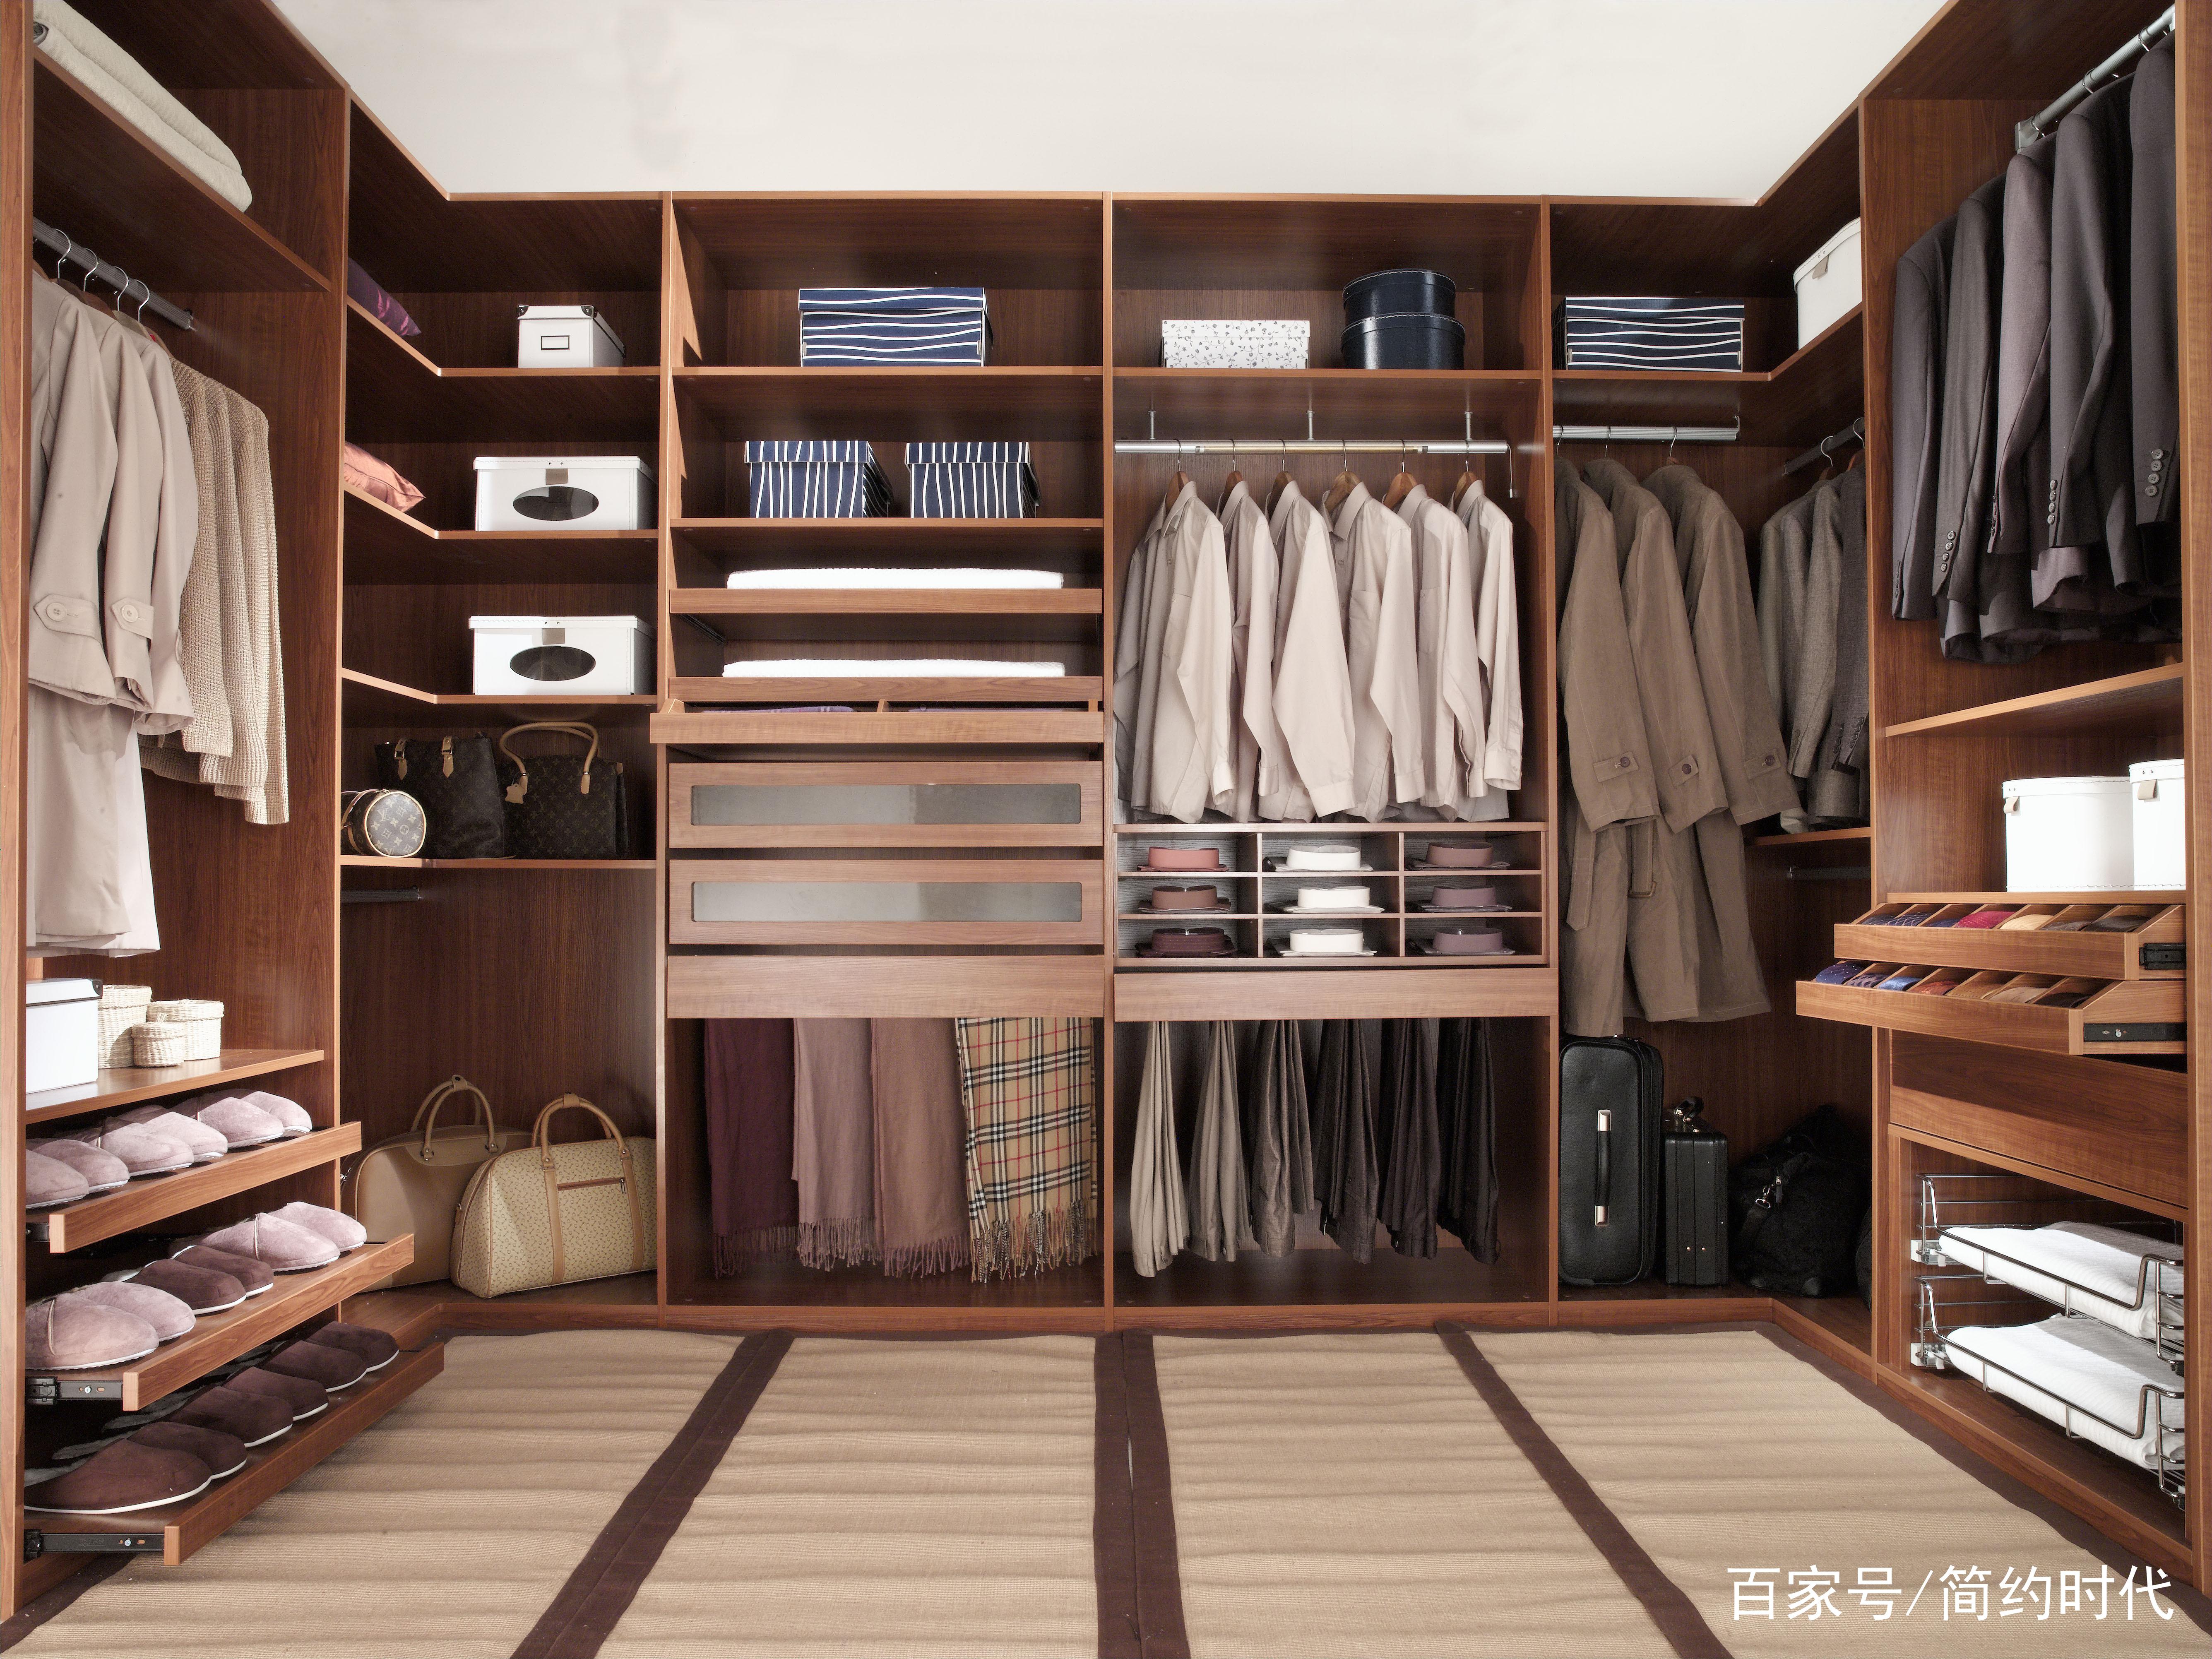 女人们还在担心衣柜小?那就看看衣帽间的简约设计图片